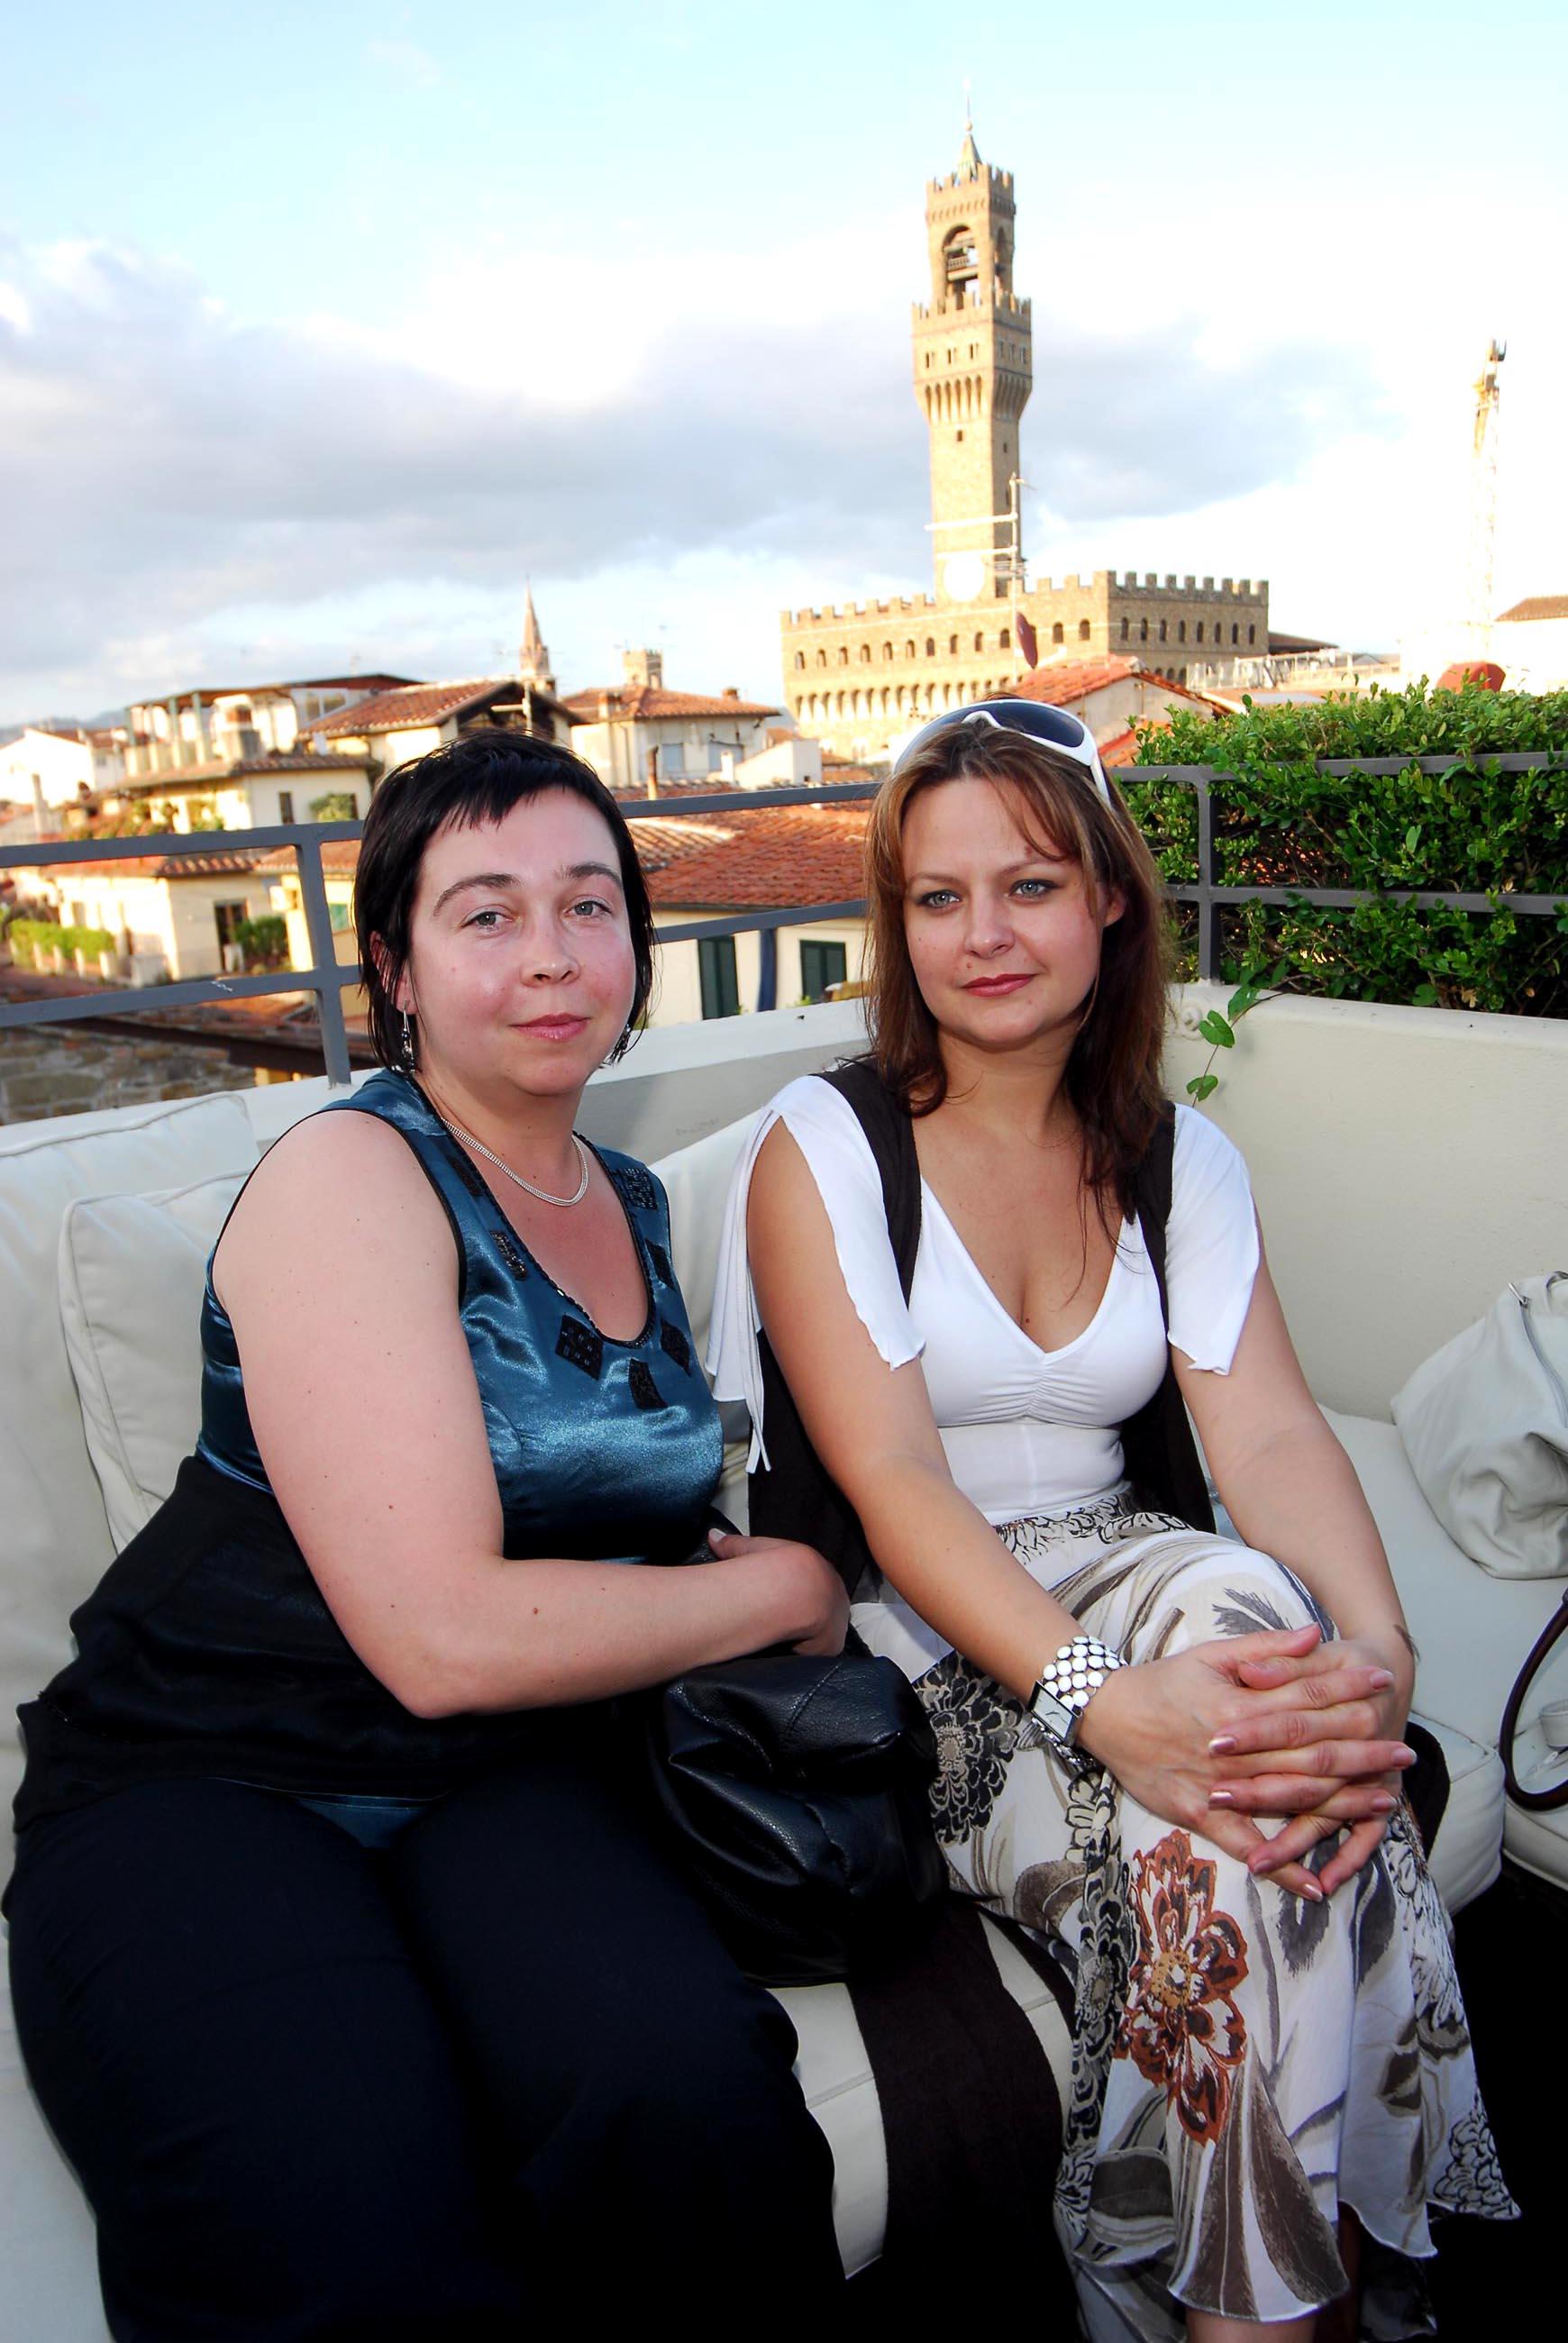 PRESSPHOTO  Firenze, Hotel Continentale. Nella foto Raminta Nemirskiene e Jolita Rutkanskiene